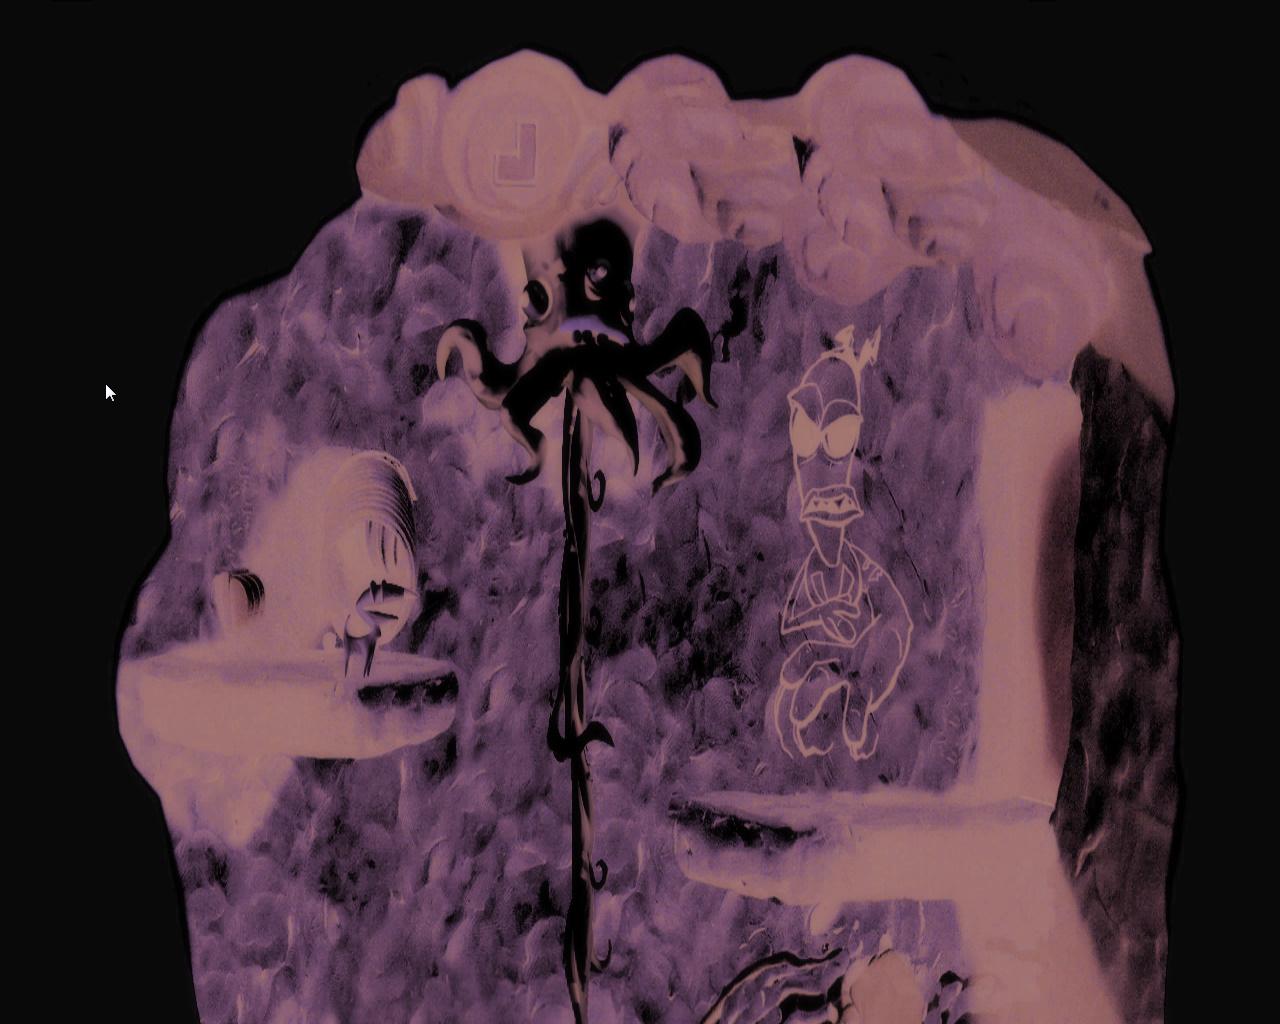 Армикрог - Клюв прошел через трубу в комнату (уровень 4)